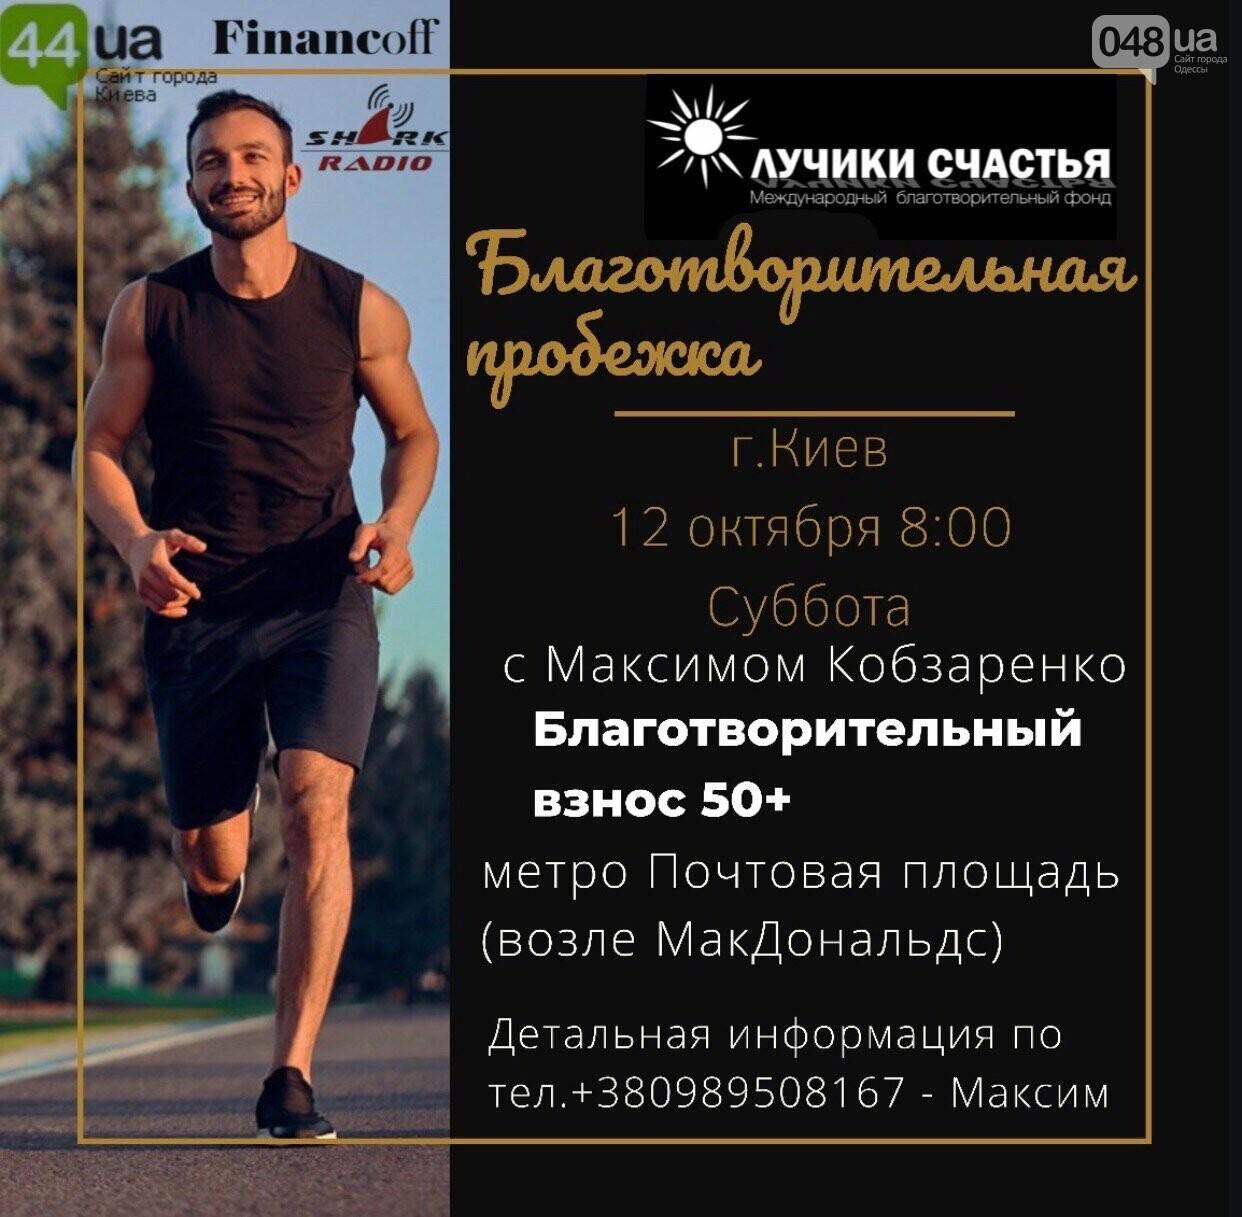 Максим Кобзаренко совместно с благотворительный фондом «Лучики счастья», фото-1